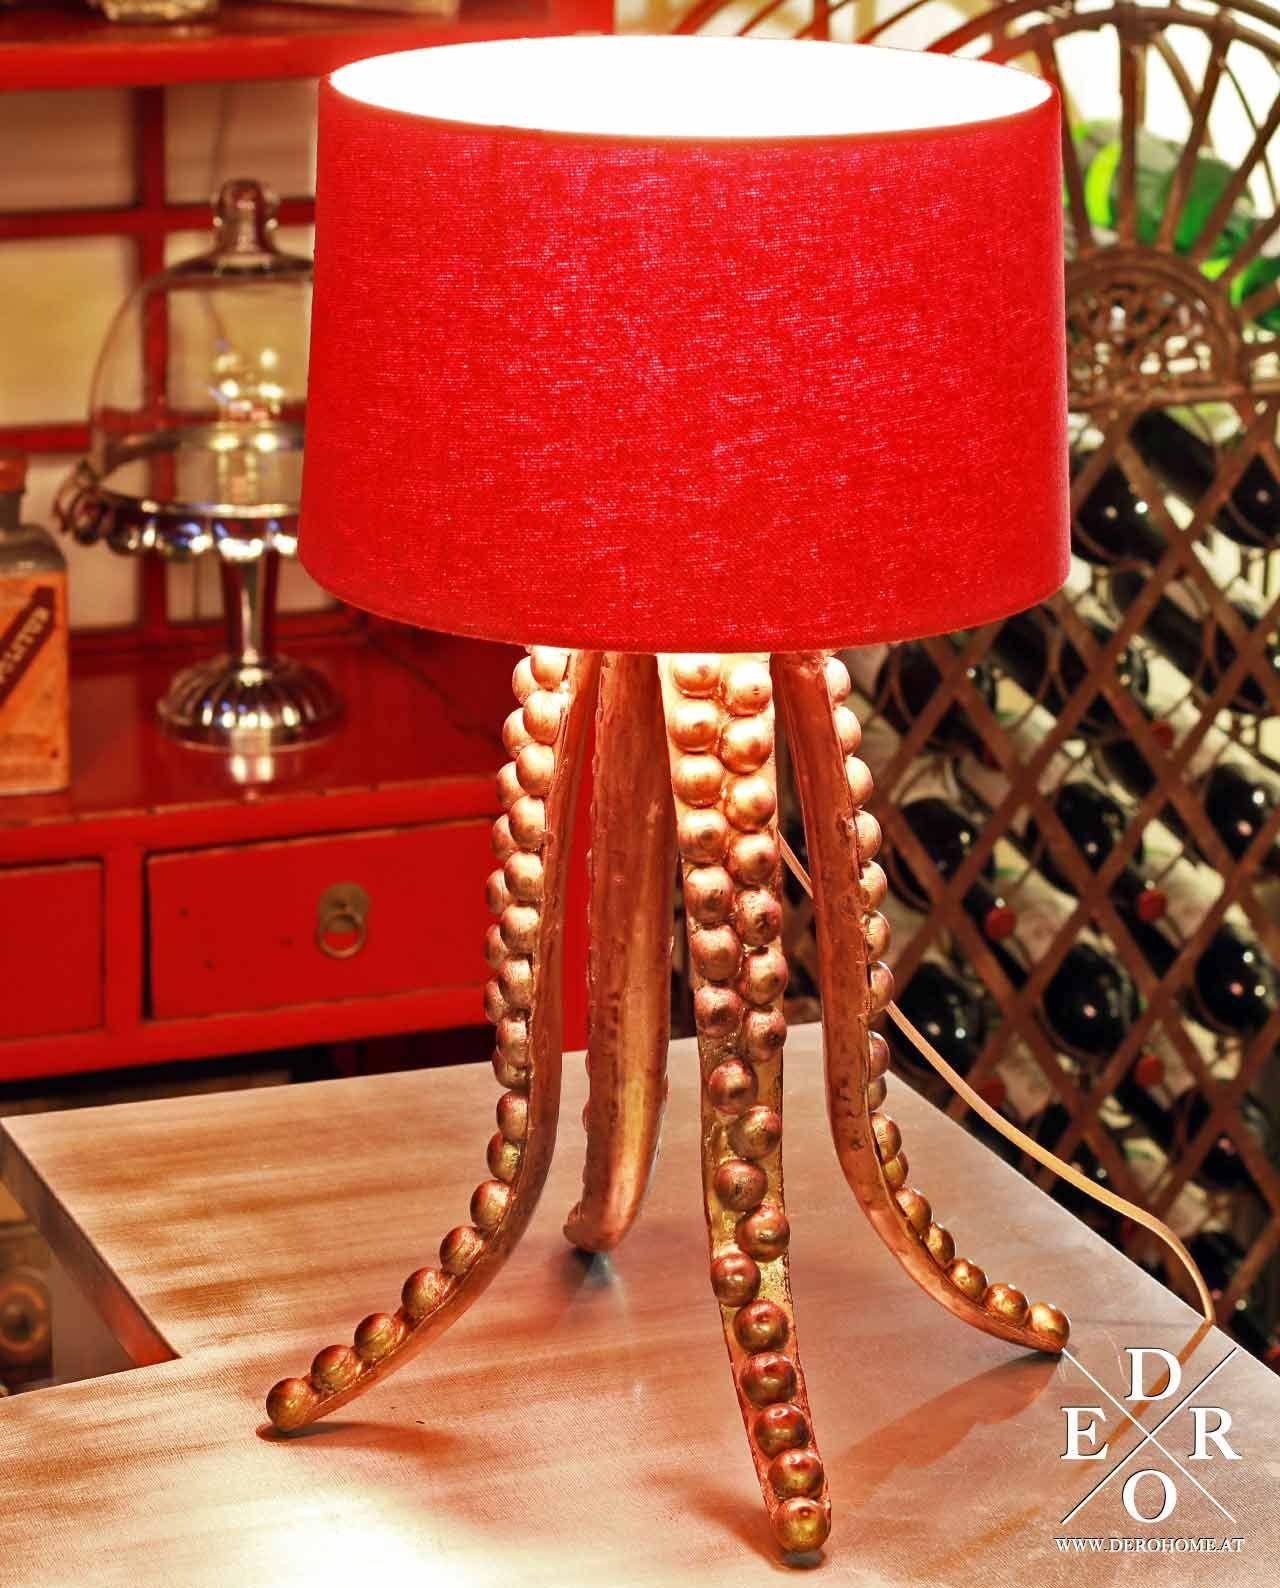 Maritime Stehleuchte Octopus Der Standfuss Erinnert An Die Tentakel Eine Krake Eines Der Erstaunlichsten Lebewesen Der Meere Kraken Octopus Lampe Krake